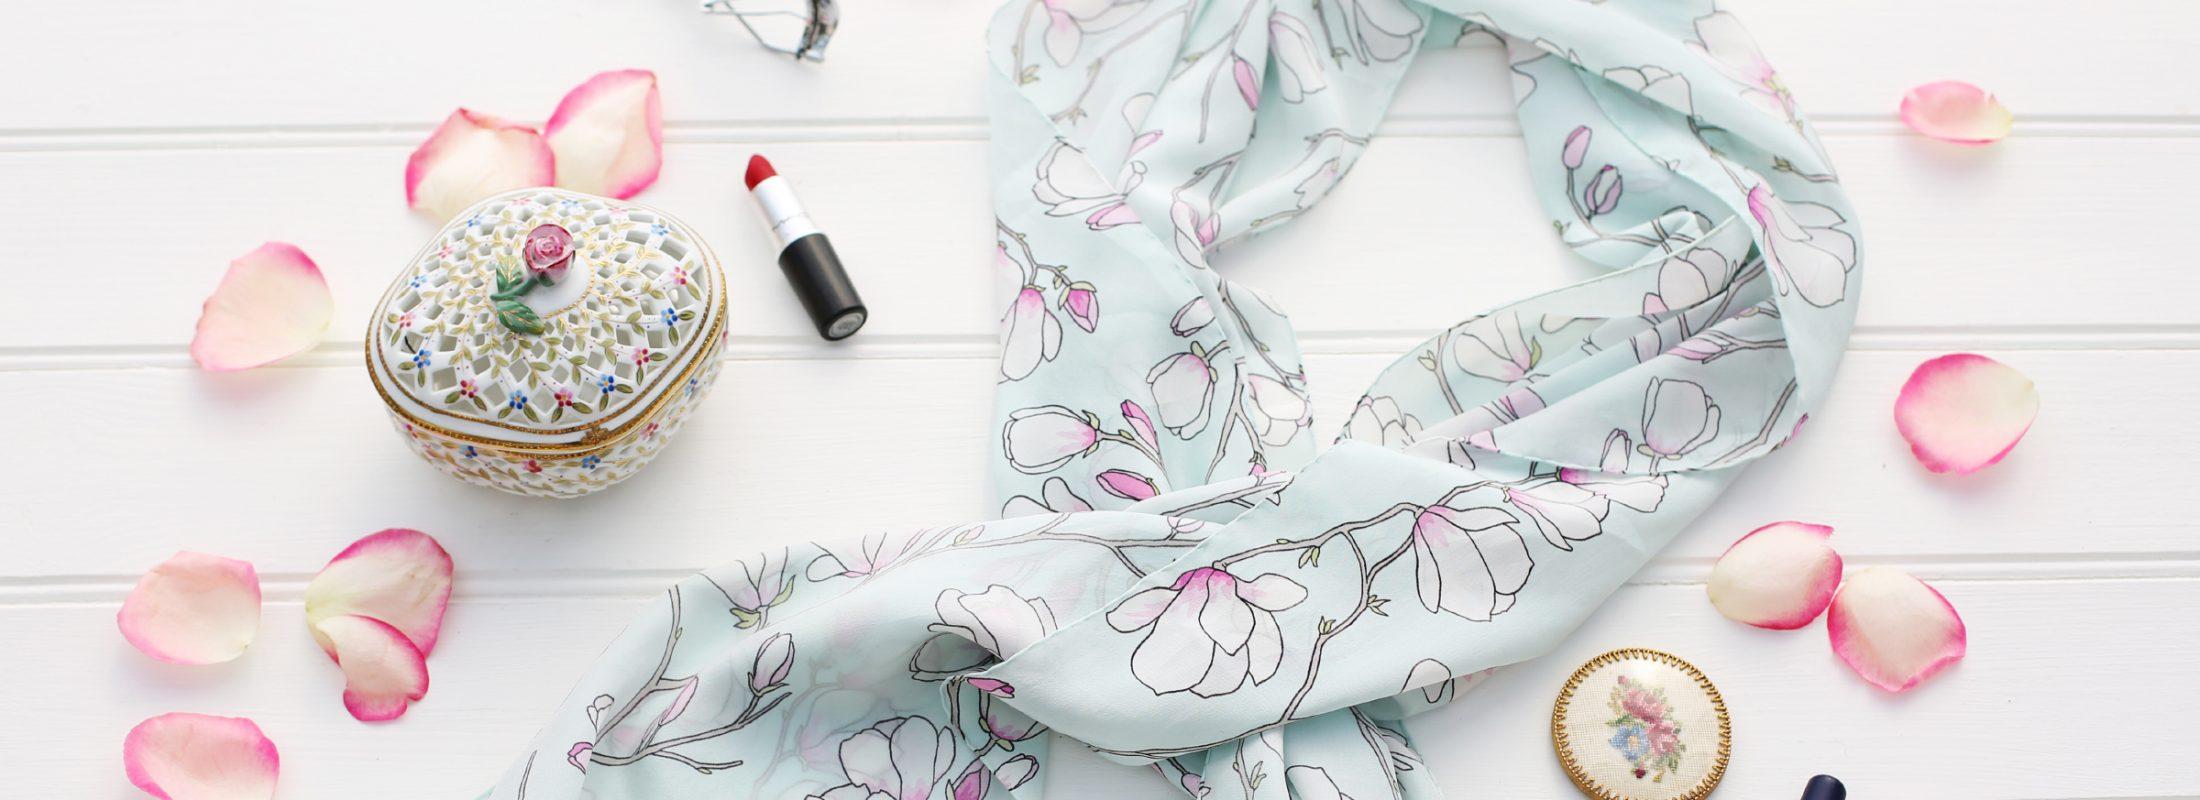 Magnolia-Scarf-Lisa-Edoff